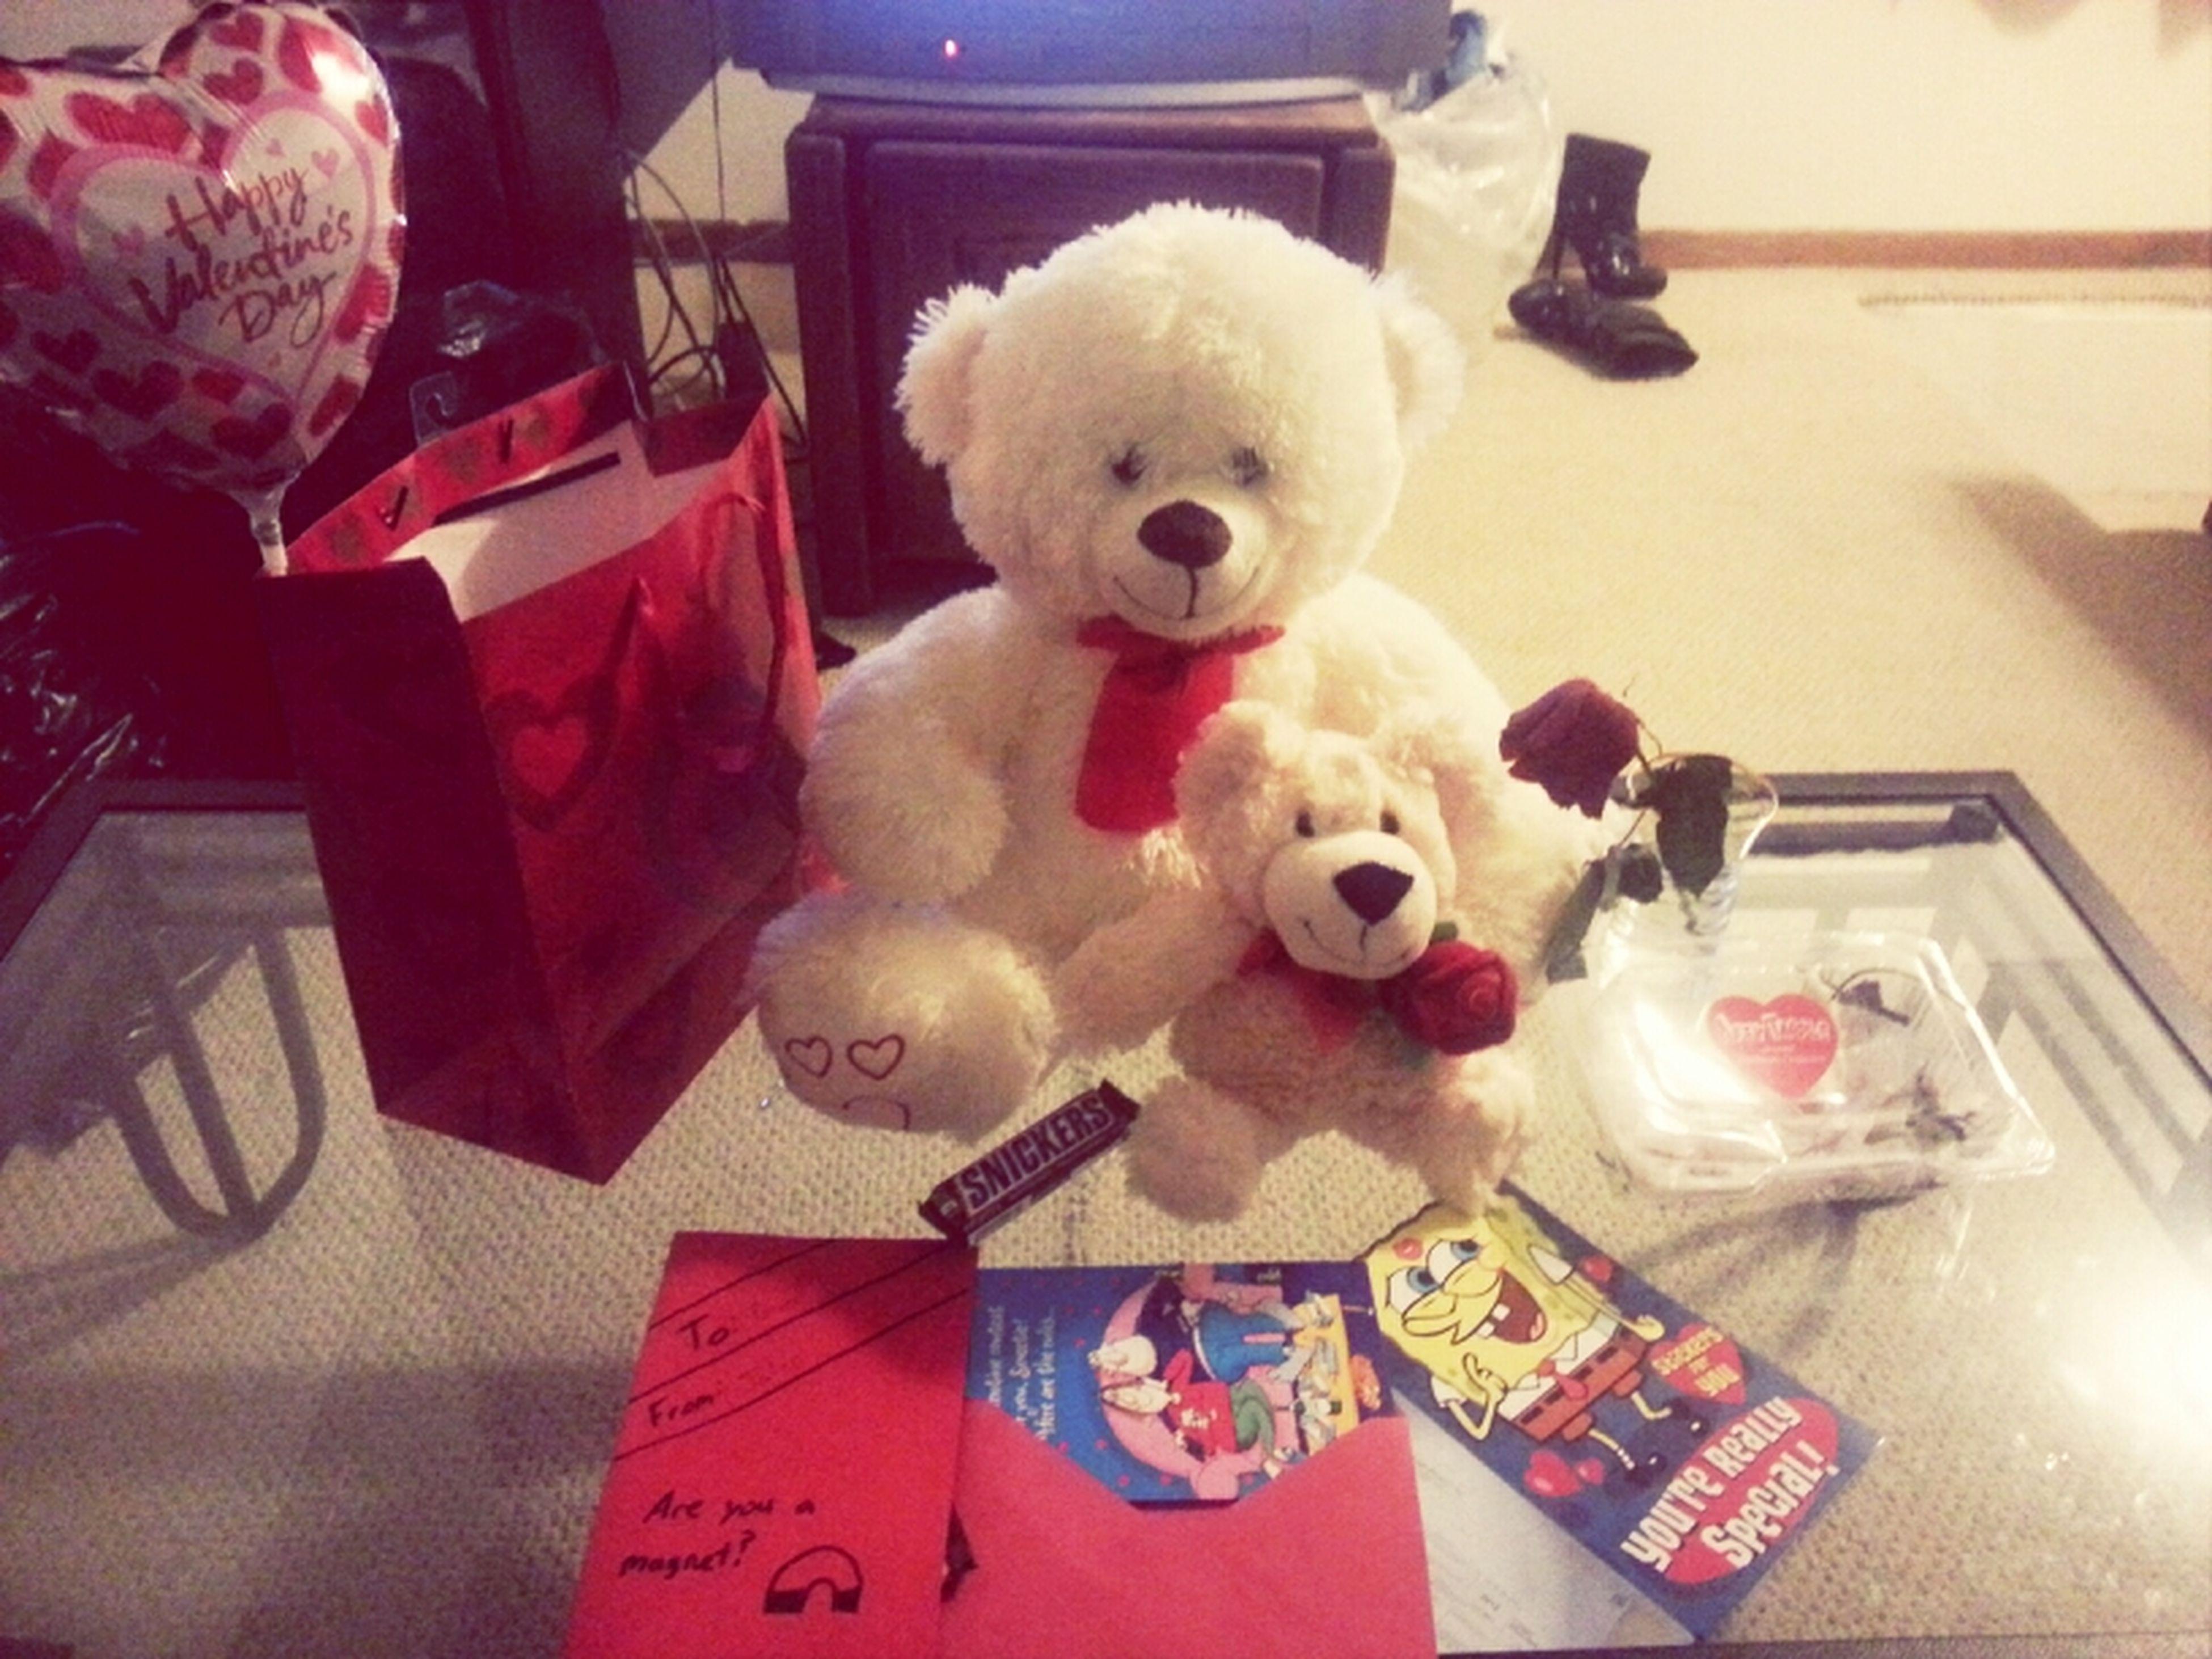 ^___^ Happy Valentine's Day, My Rose Died :(